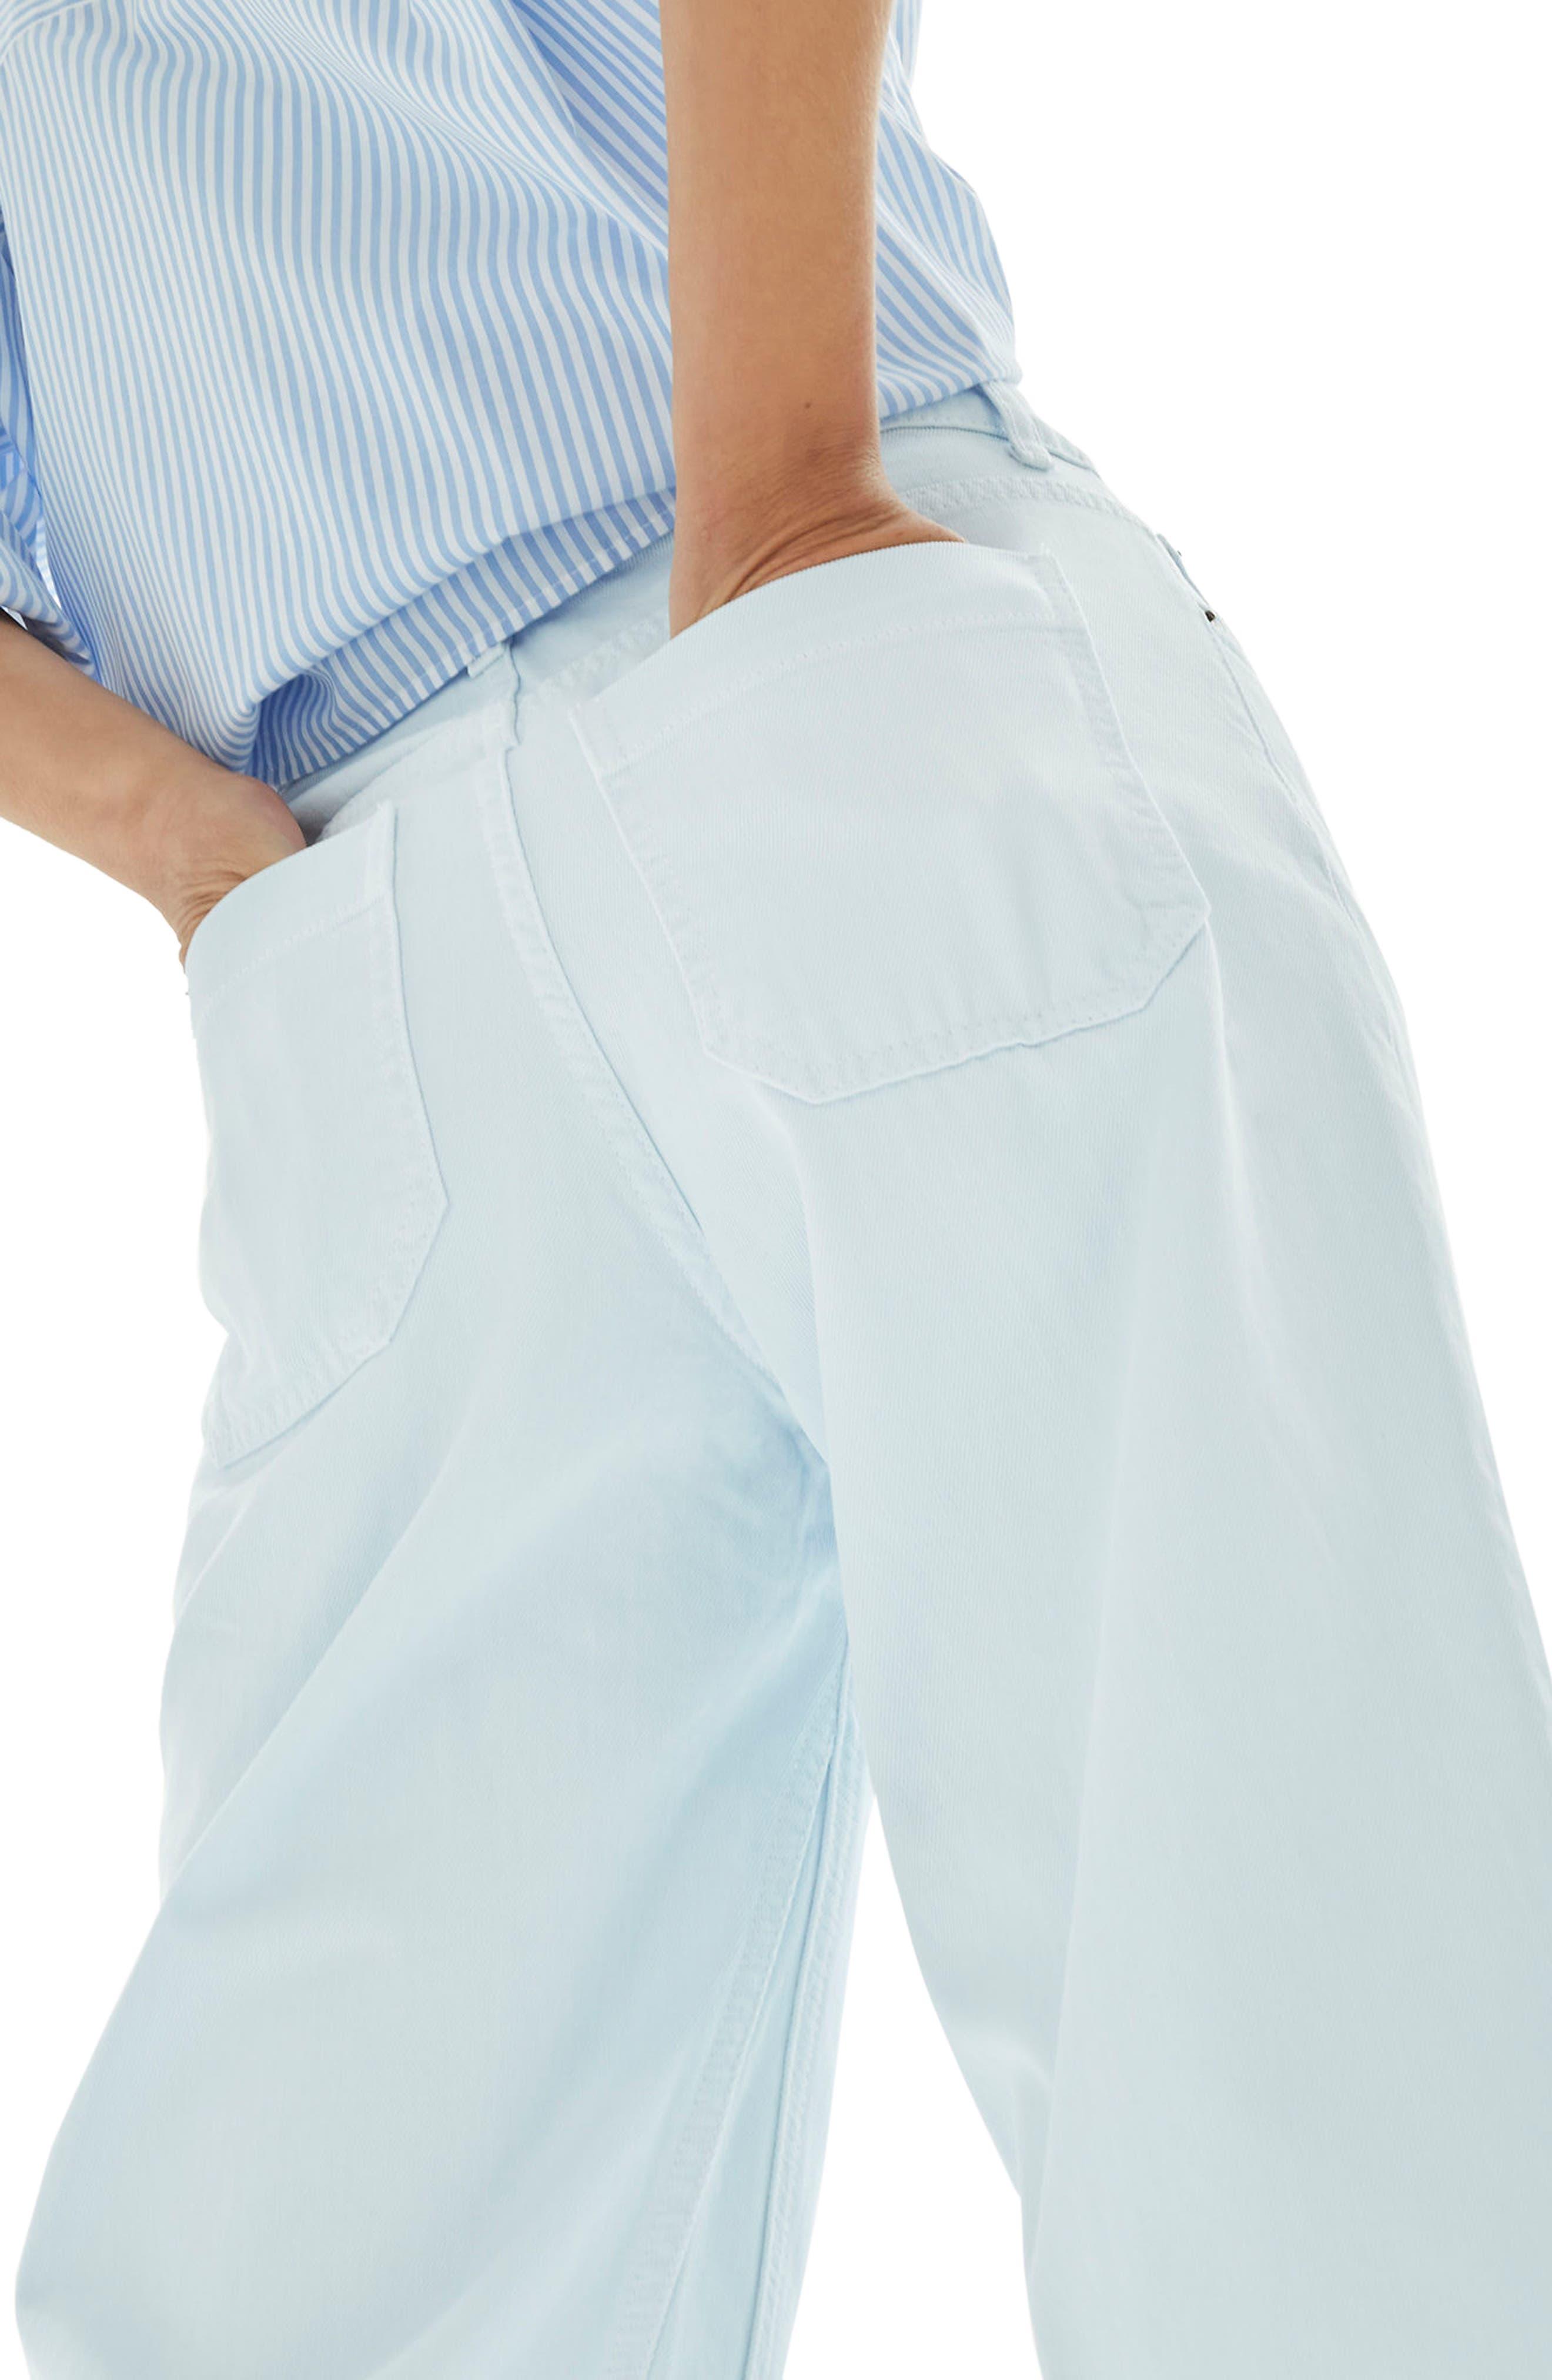 Pale Blue Crop Wide Leg Jeans,                             Alternate thumbnail 4, color,                             Light Blue